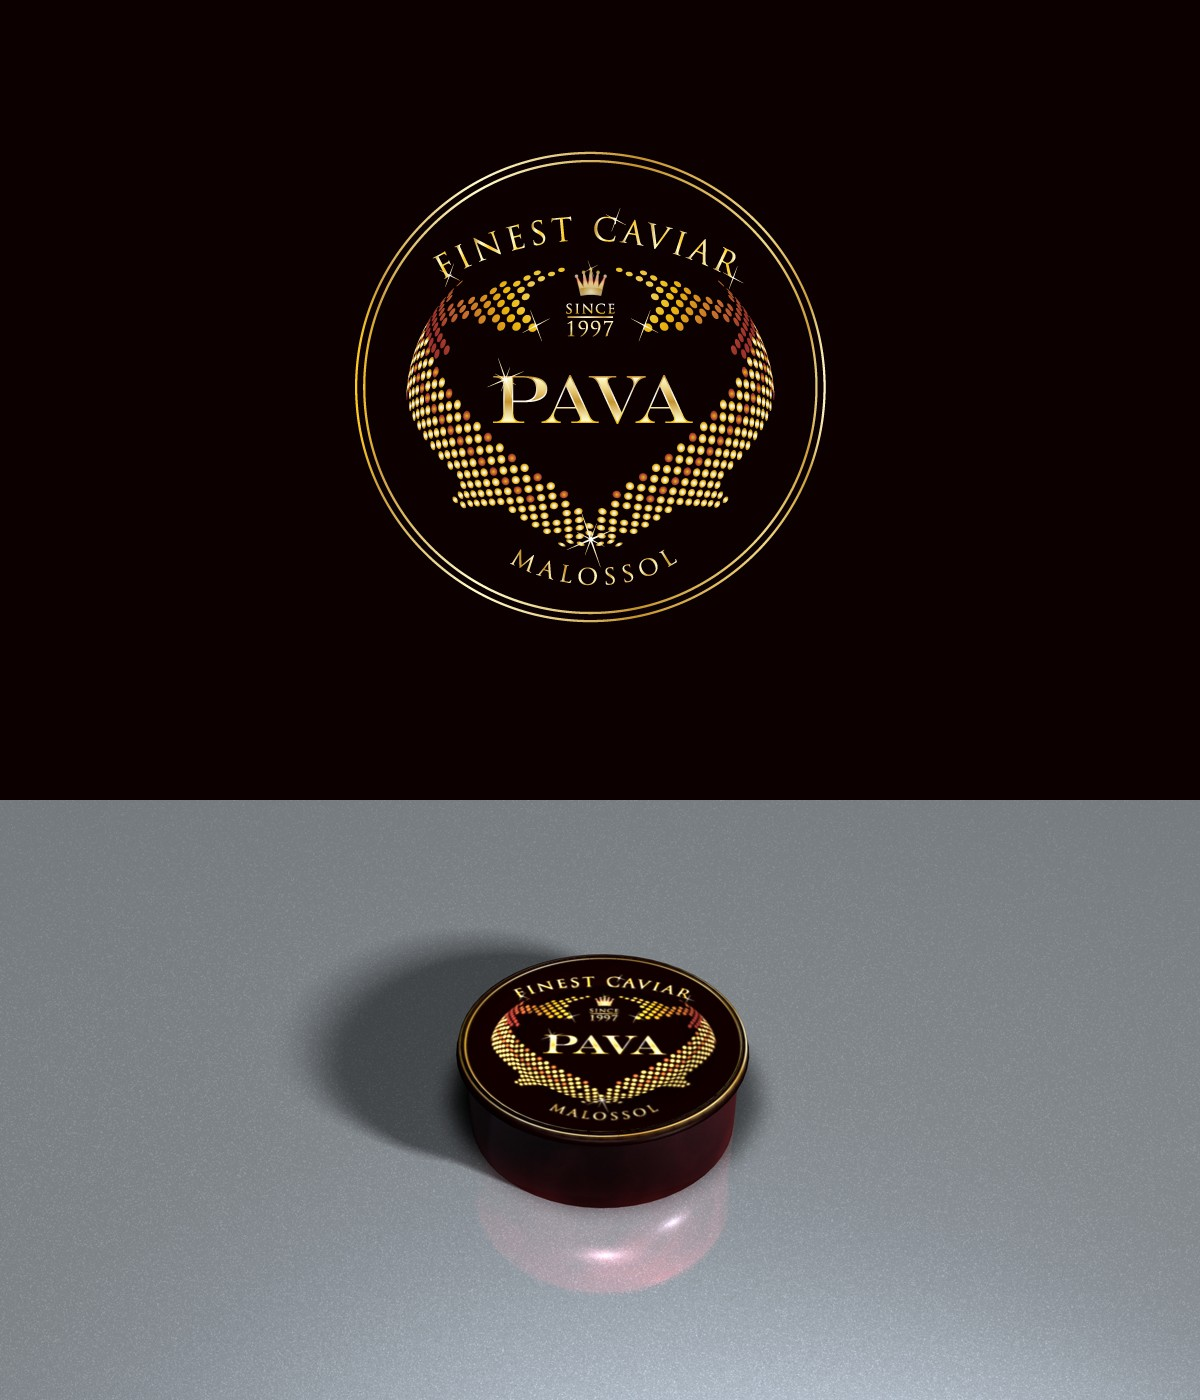 Create a unique logo for a fine caviar distributor